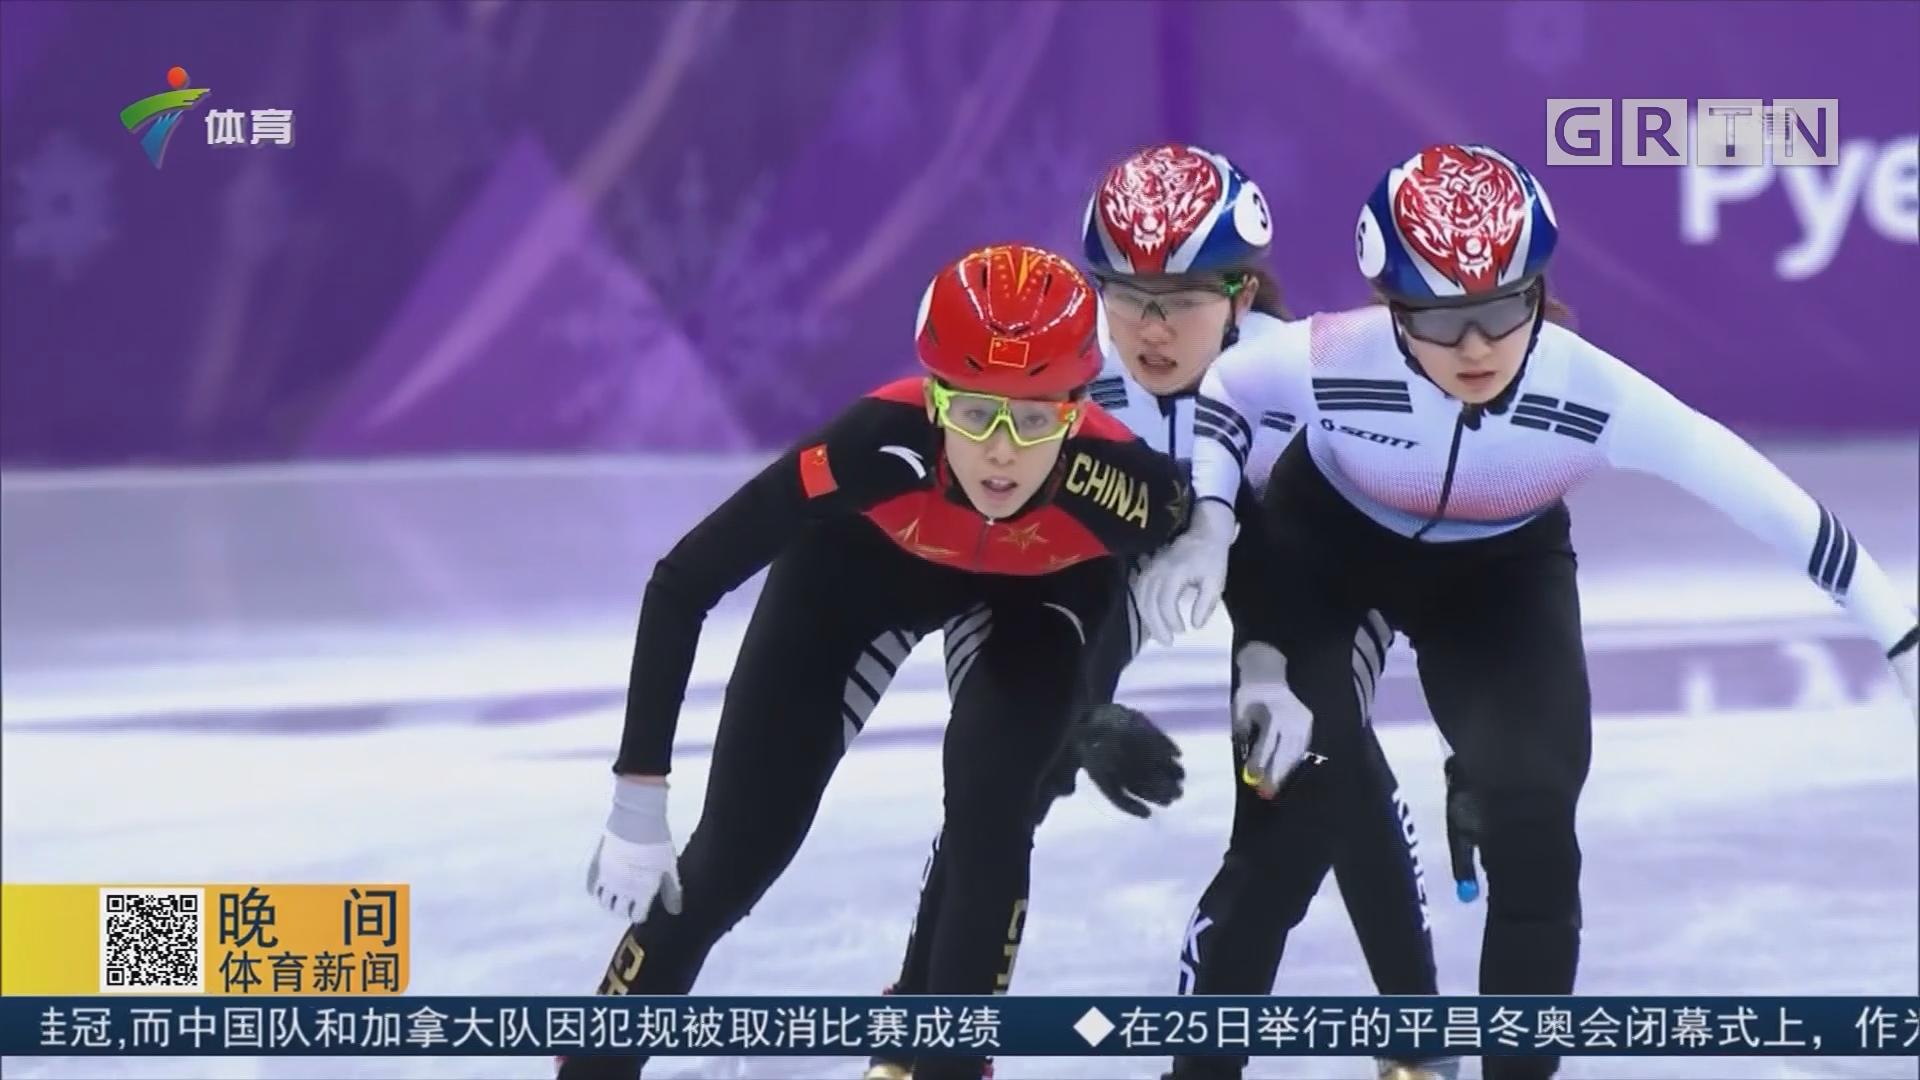 短道速滑女子3000米接力 中国队被判犯规